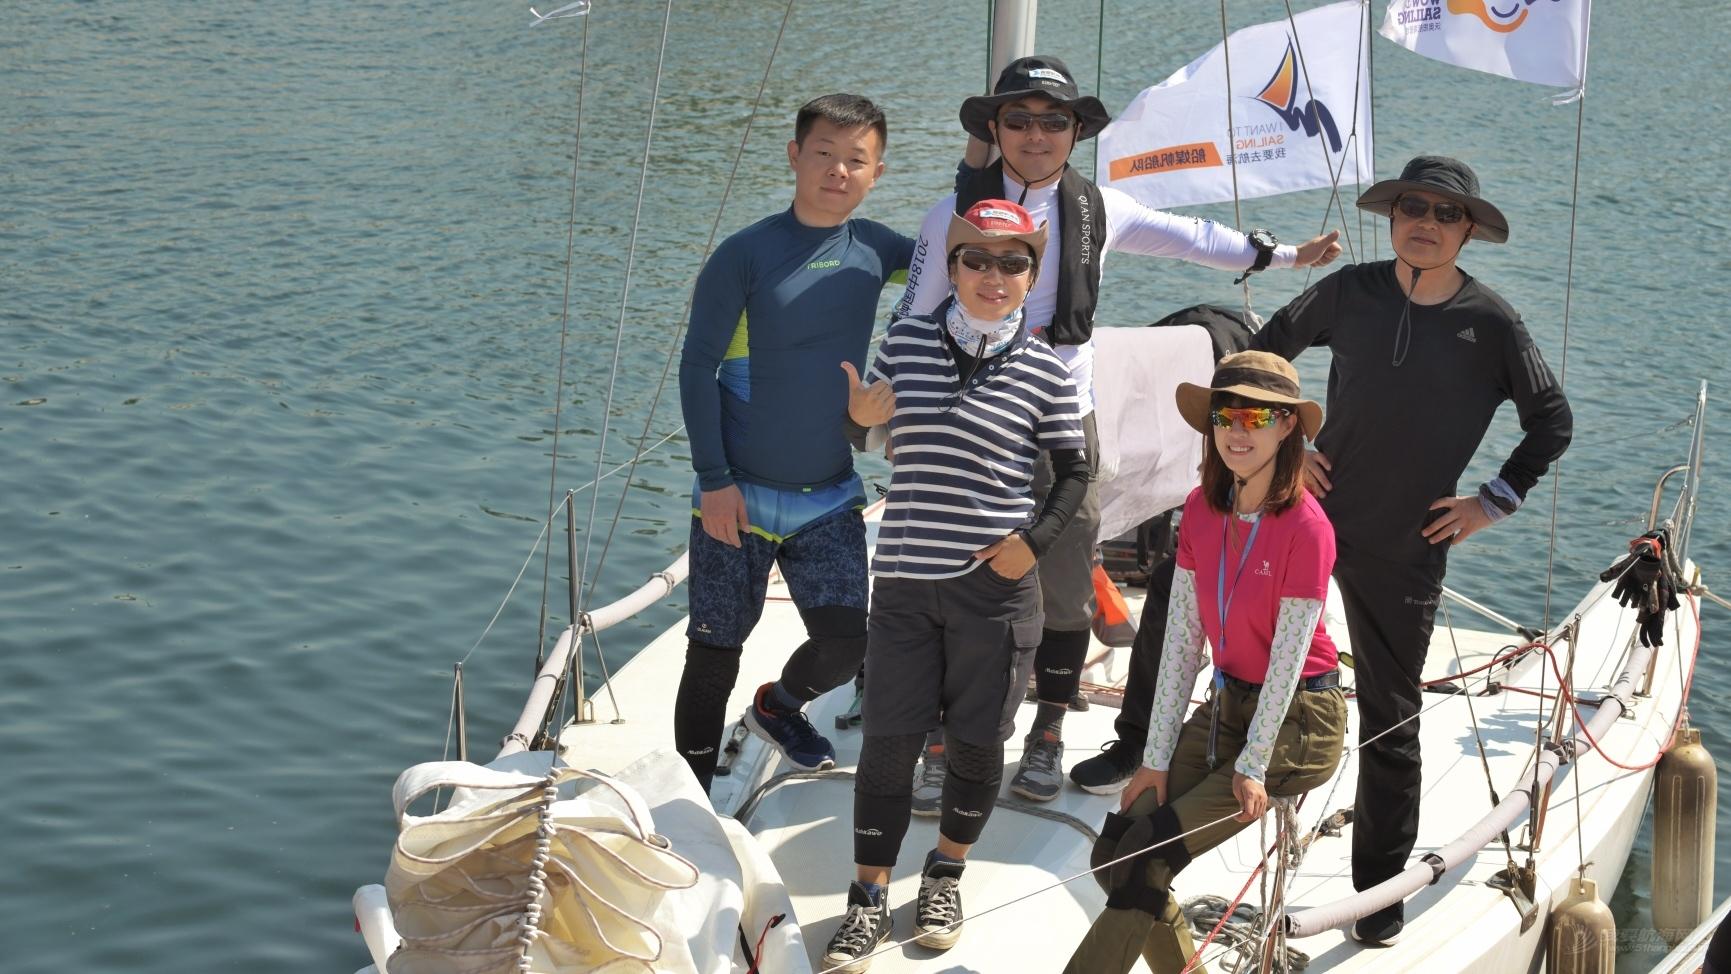 船媒帆船队,船为媒,媒为船,扬帆,扬帆